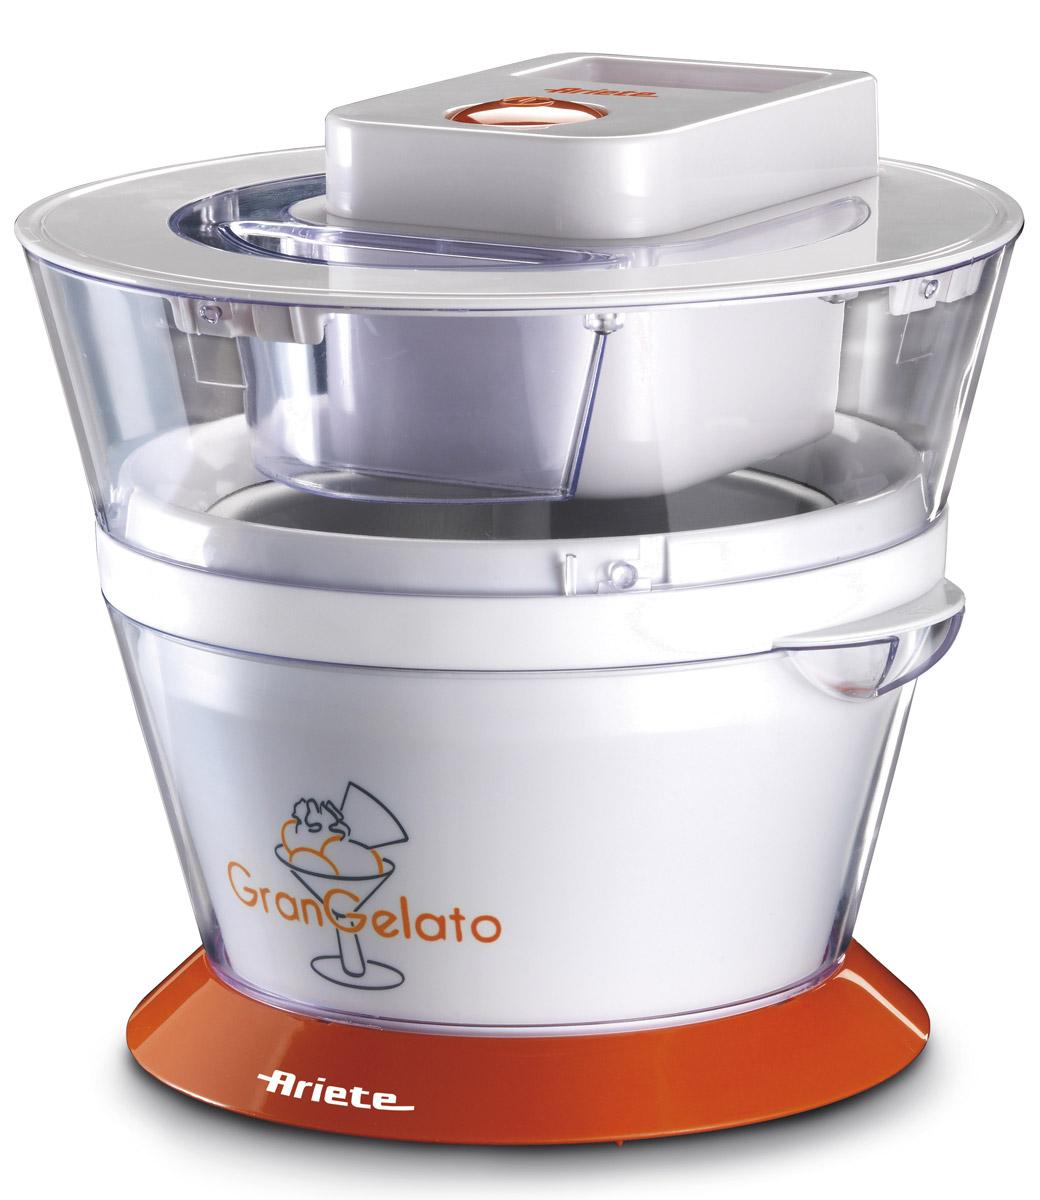 Ariete 638 Gran Gelato мороженица638Ariete 638 Gran Gelato — это удобная и компактная мороженица. В съемной чаше объемом 1 литр вы сможете приготовить вкусное лакомство сразу для всей семьи.За счет съемных деталей Ariete 638 очень легко мыть, а эргономичный дизайн позволяет компактно хранить прибор. Аппарат специально оборудован прозрачной крышкой для удобства контролирования процесса приготовления.Теперь у вас есть шанс приготовить вкусное мороженое меньше, чем за час. Все, что от вас потребуется, — это поместить в мороженицу необходимые ингредиенты и после приготовления поместить мороженое в холодильник охладиться.